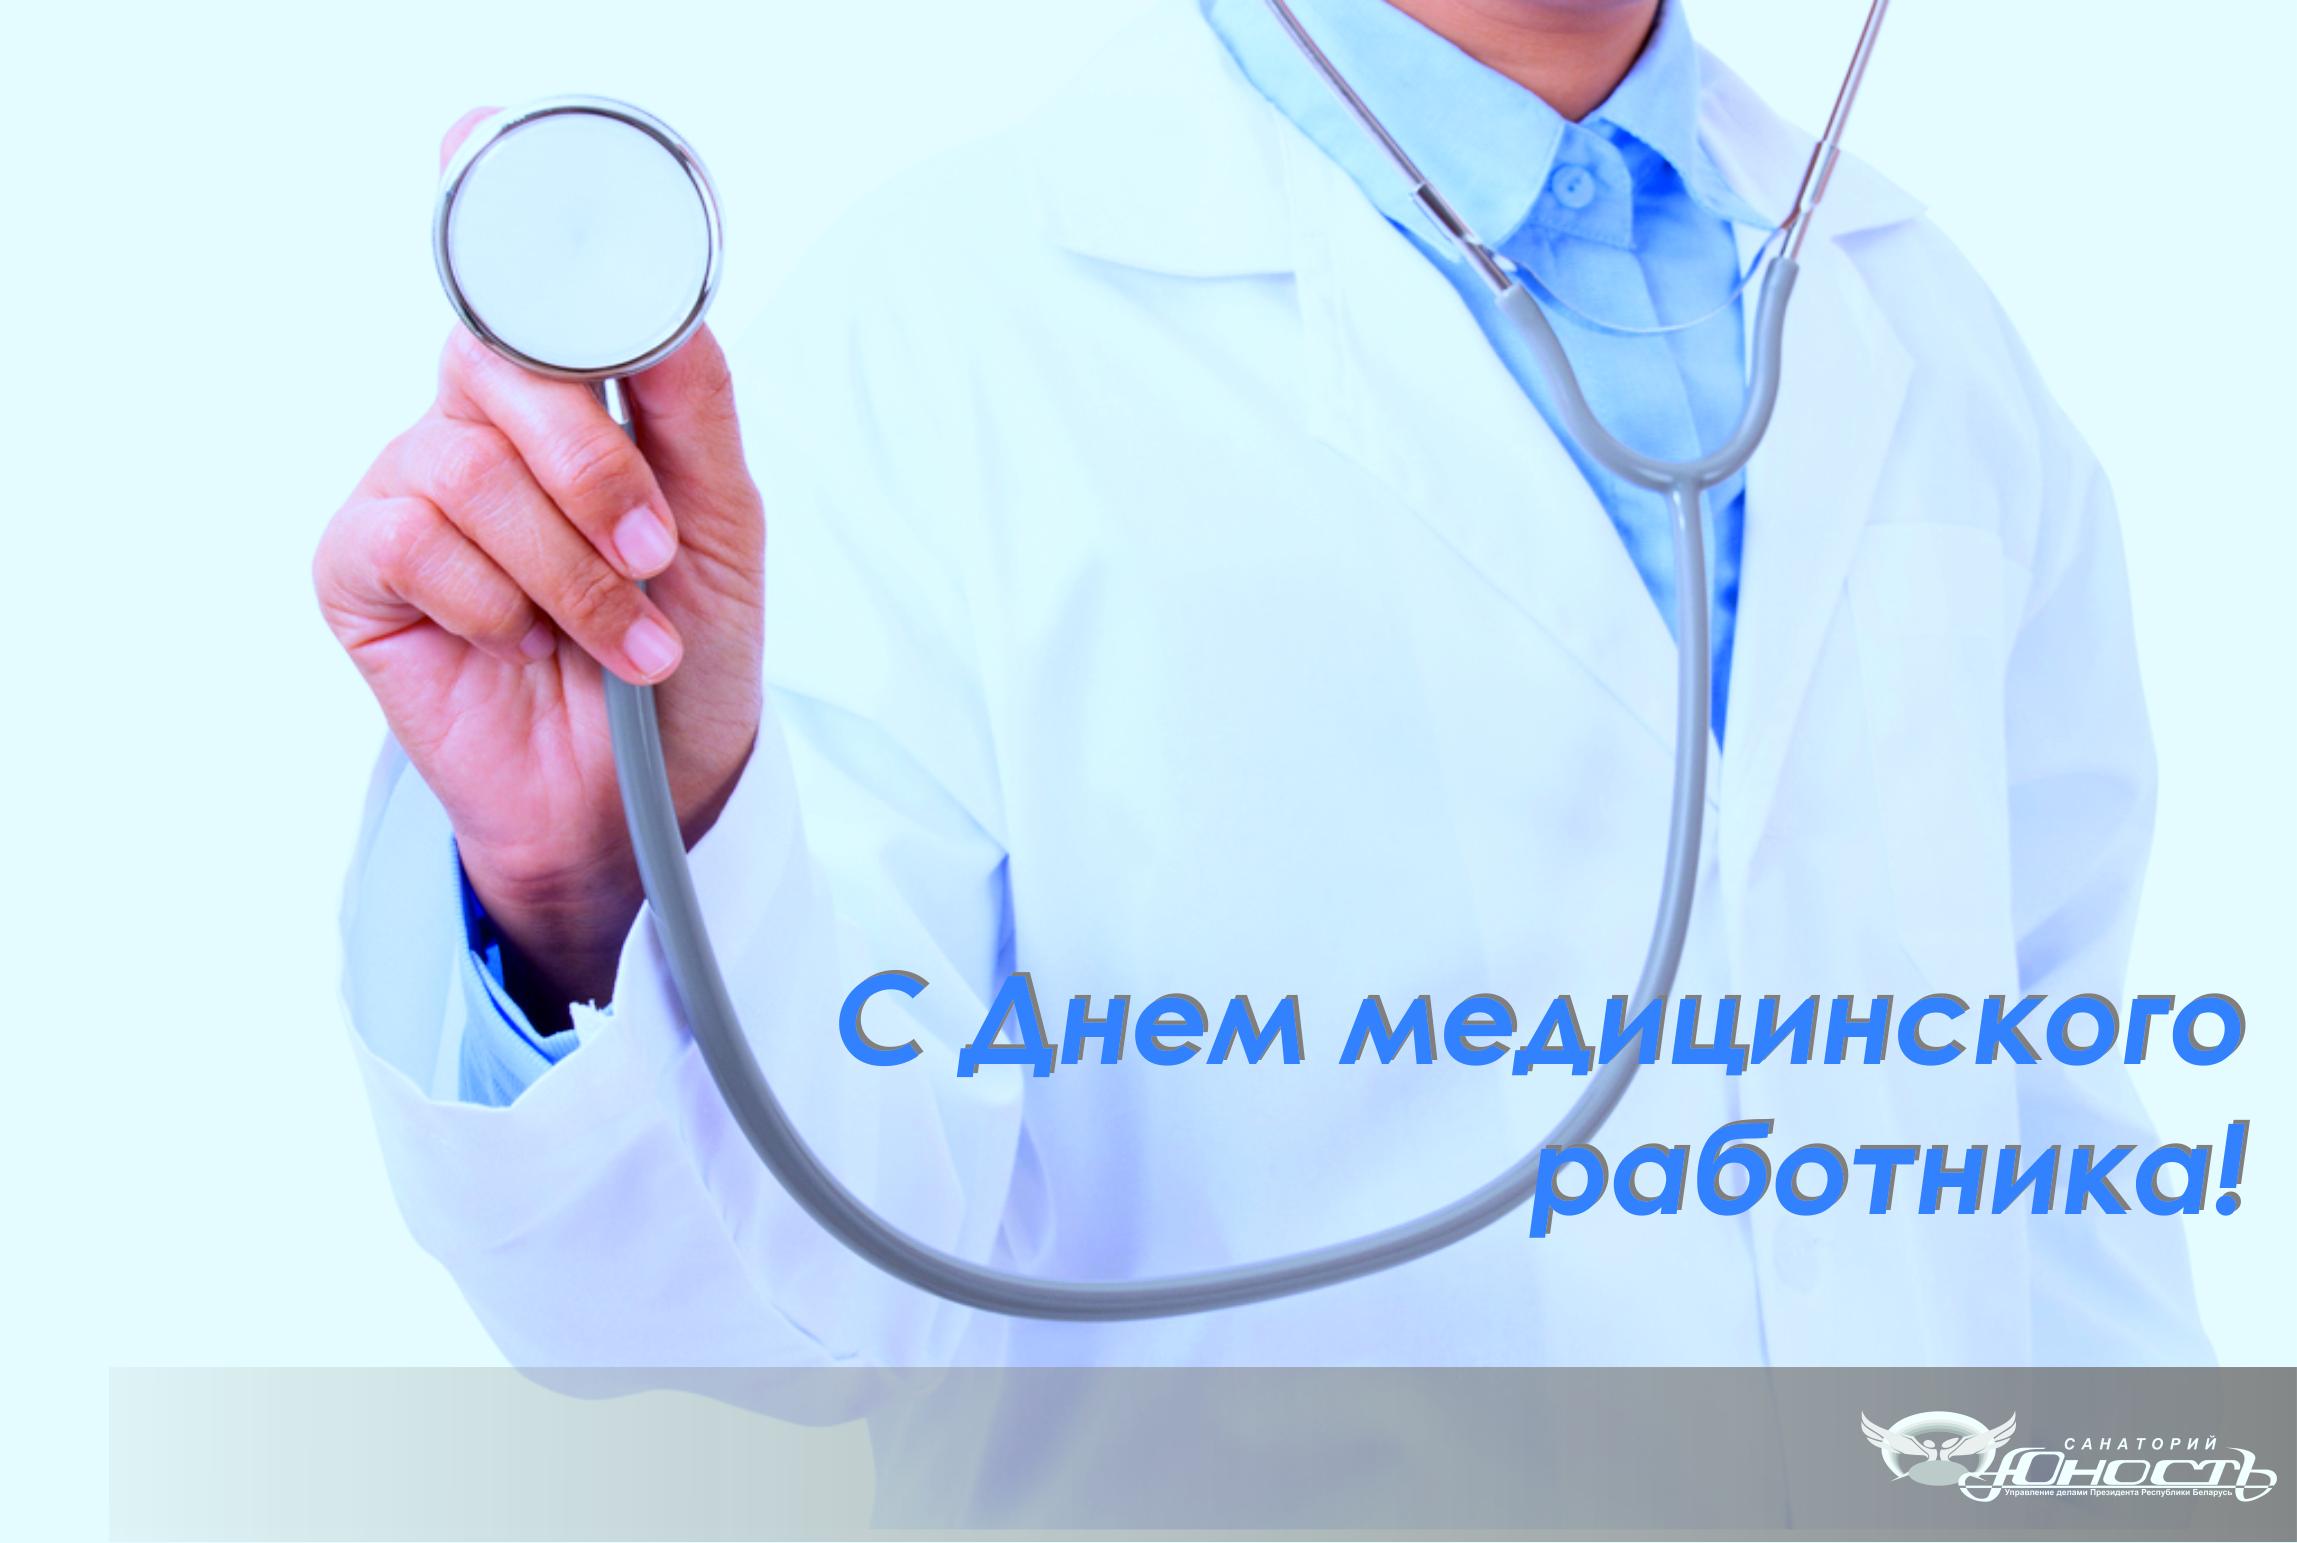 Открытки с днем медицинского работника 70